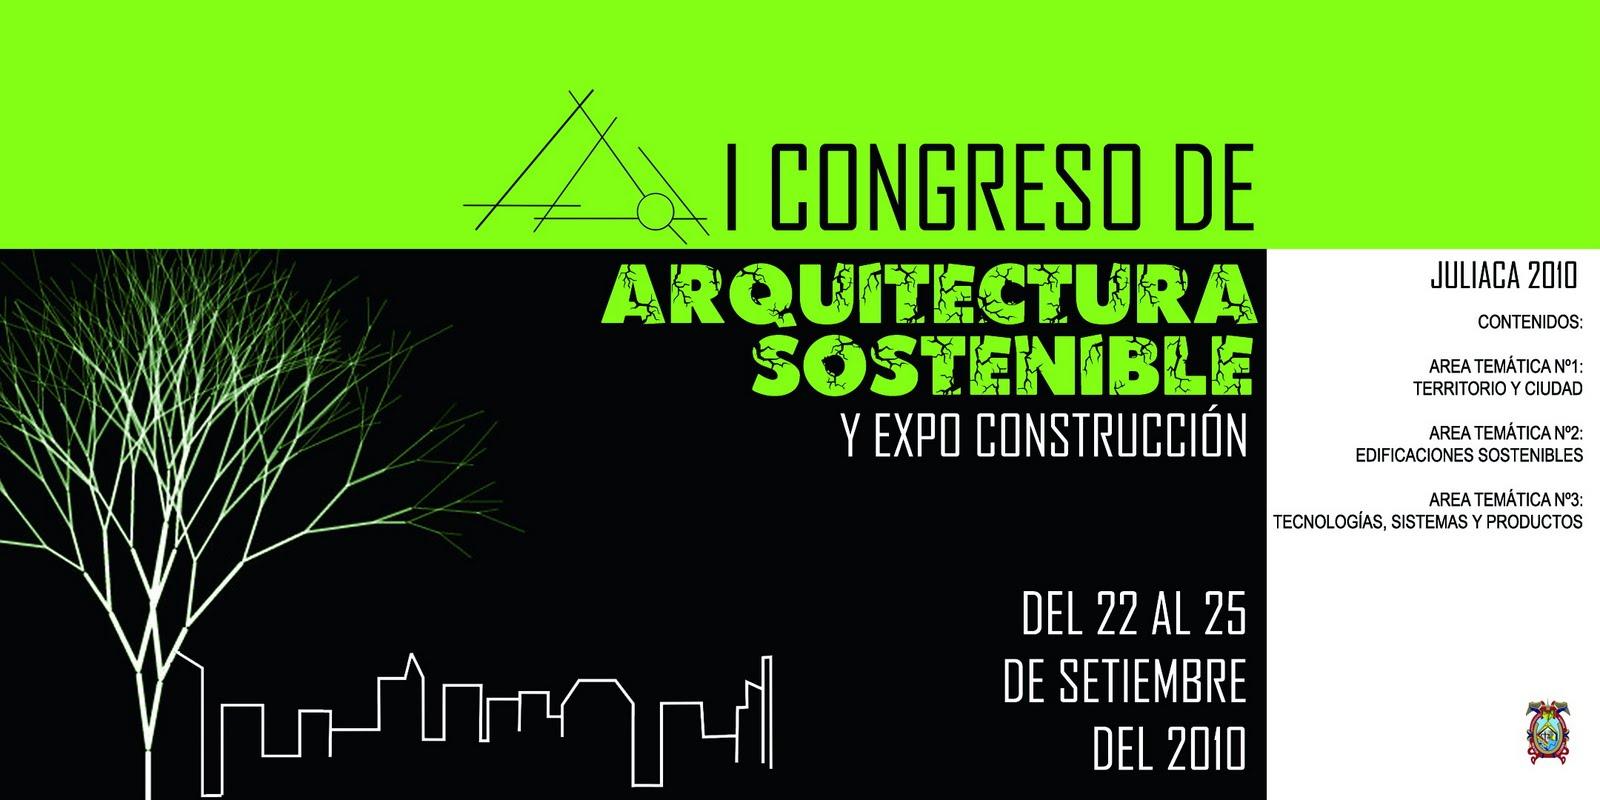 I CONGRESO DE ARQUITECTURA SOSTENIBLE Y EXPO CONSTRUCCIÓN - JULIACA 2010